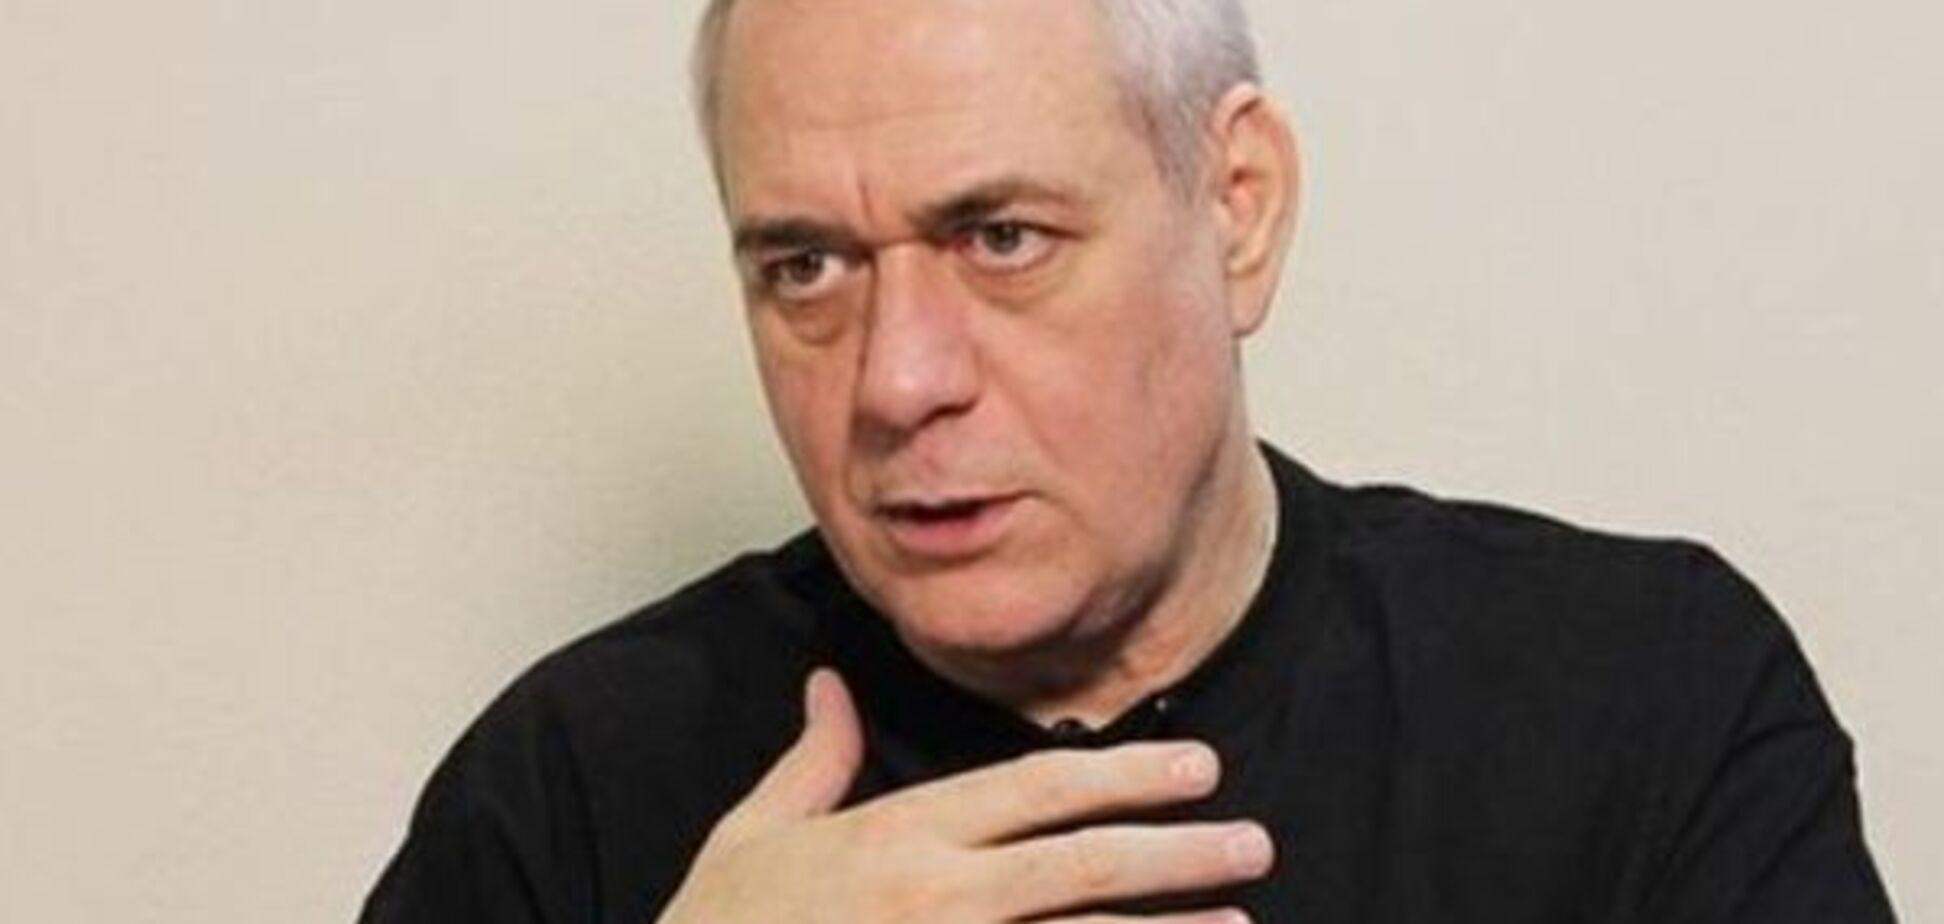 Похороны Доренко снова перенесли: в чем проблема